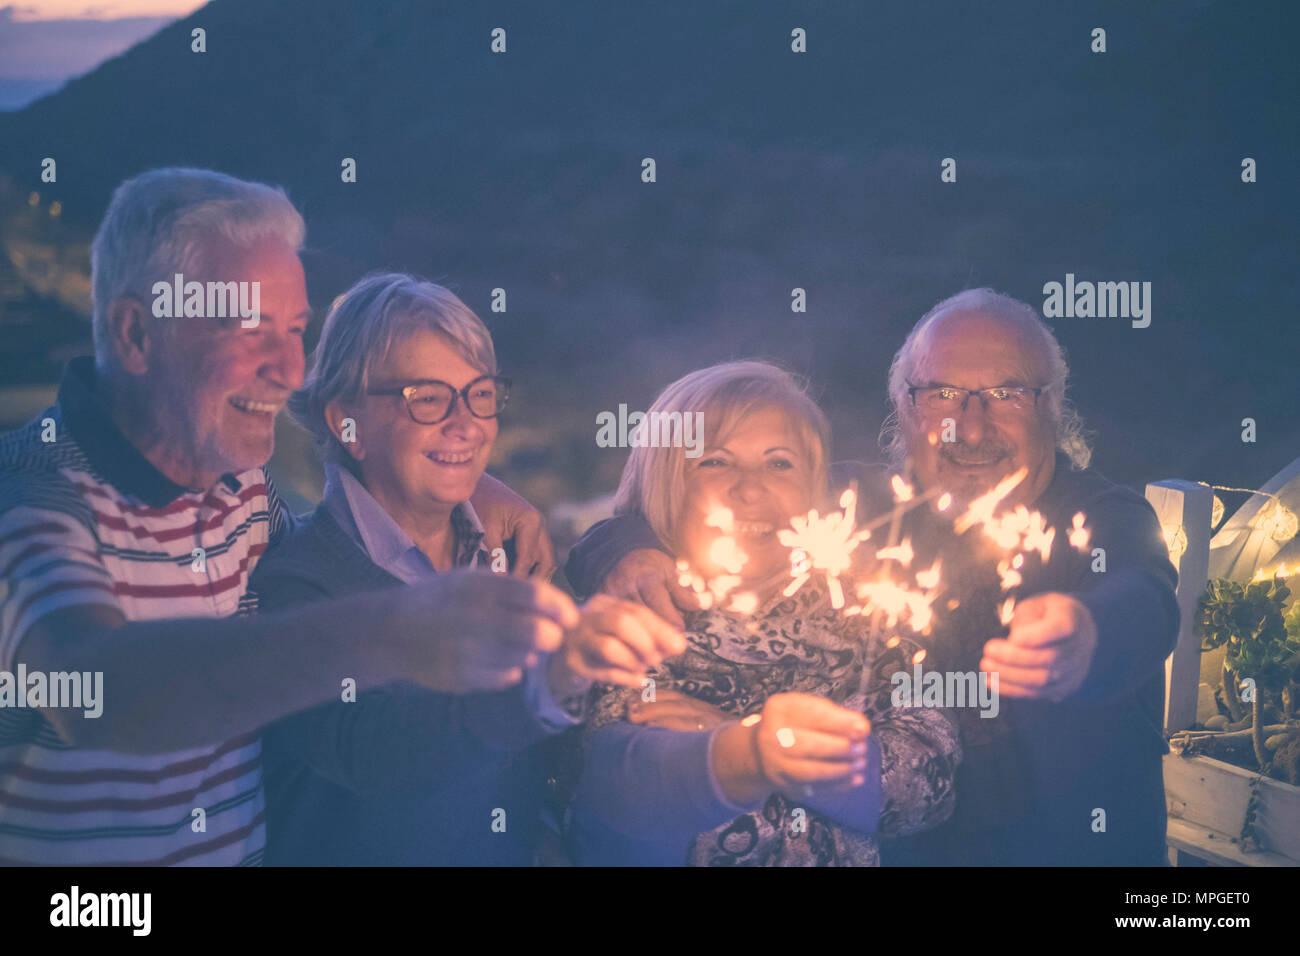 Evento di festeggiare il capodanno a mezzanotte per gruppo di bella gente bella senior adulto. uomini e donne con brilla per esterno di notte Immagini Stock